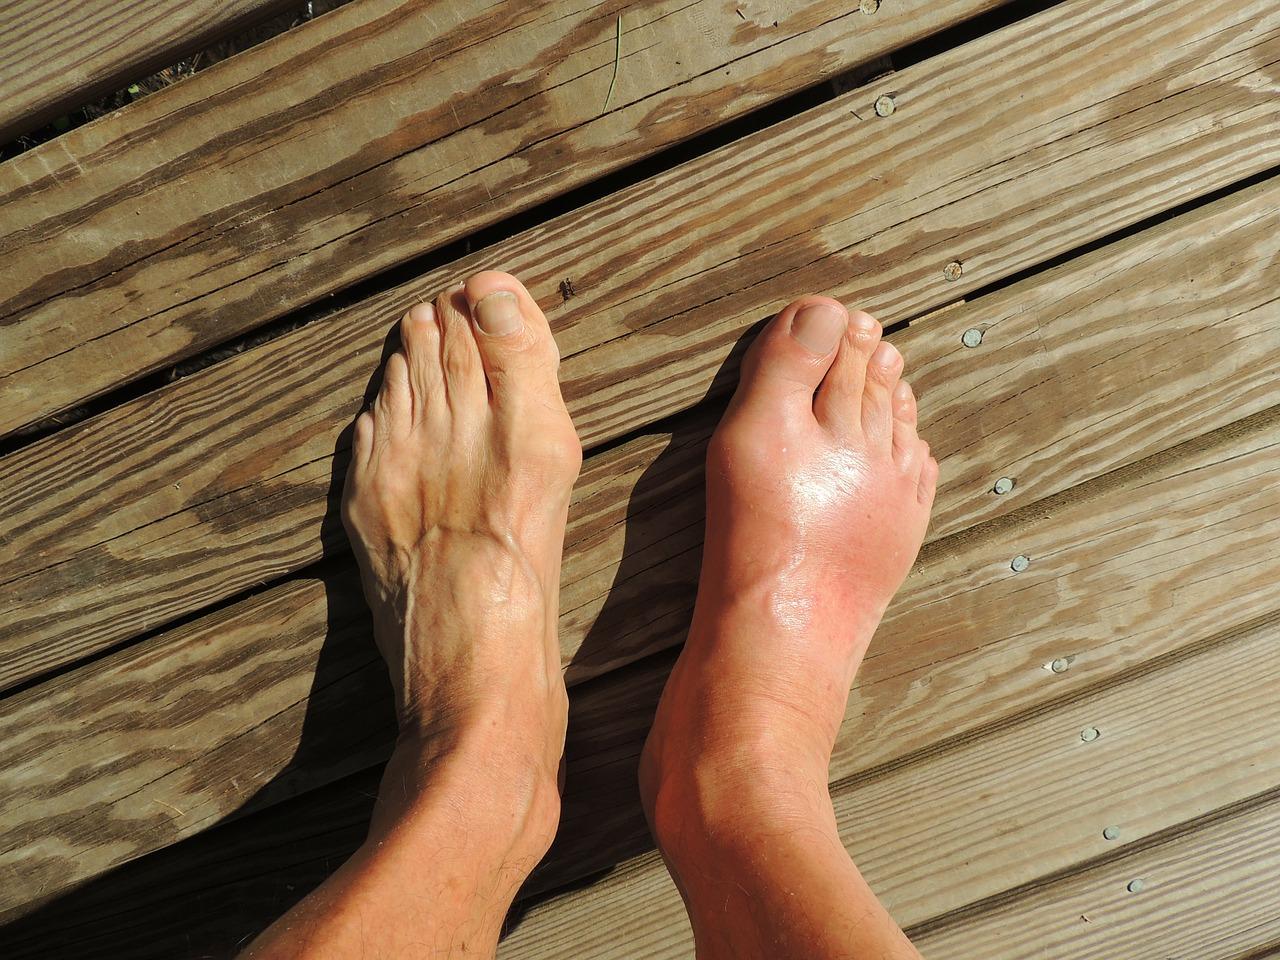 cum și cum se poate trata artrita piciorului durere cauzată de o injecție la genunchi